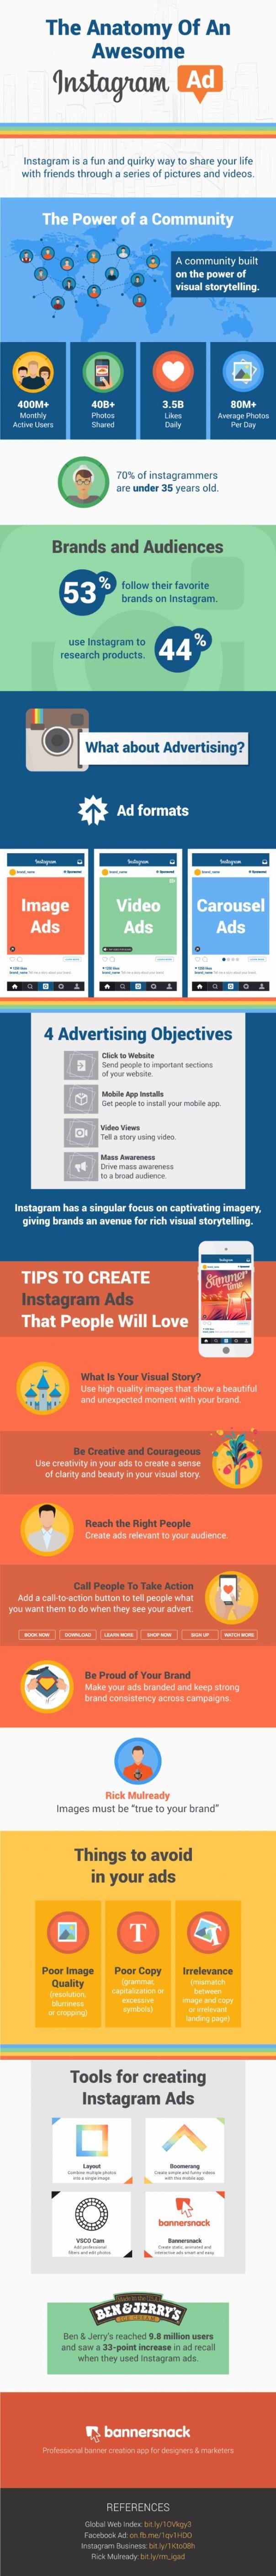 Instagram : Anatomie de la publicité en infographie